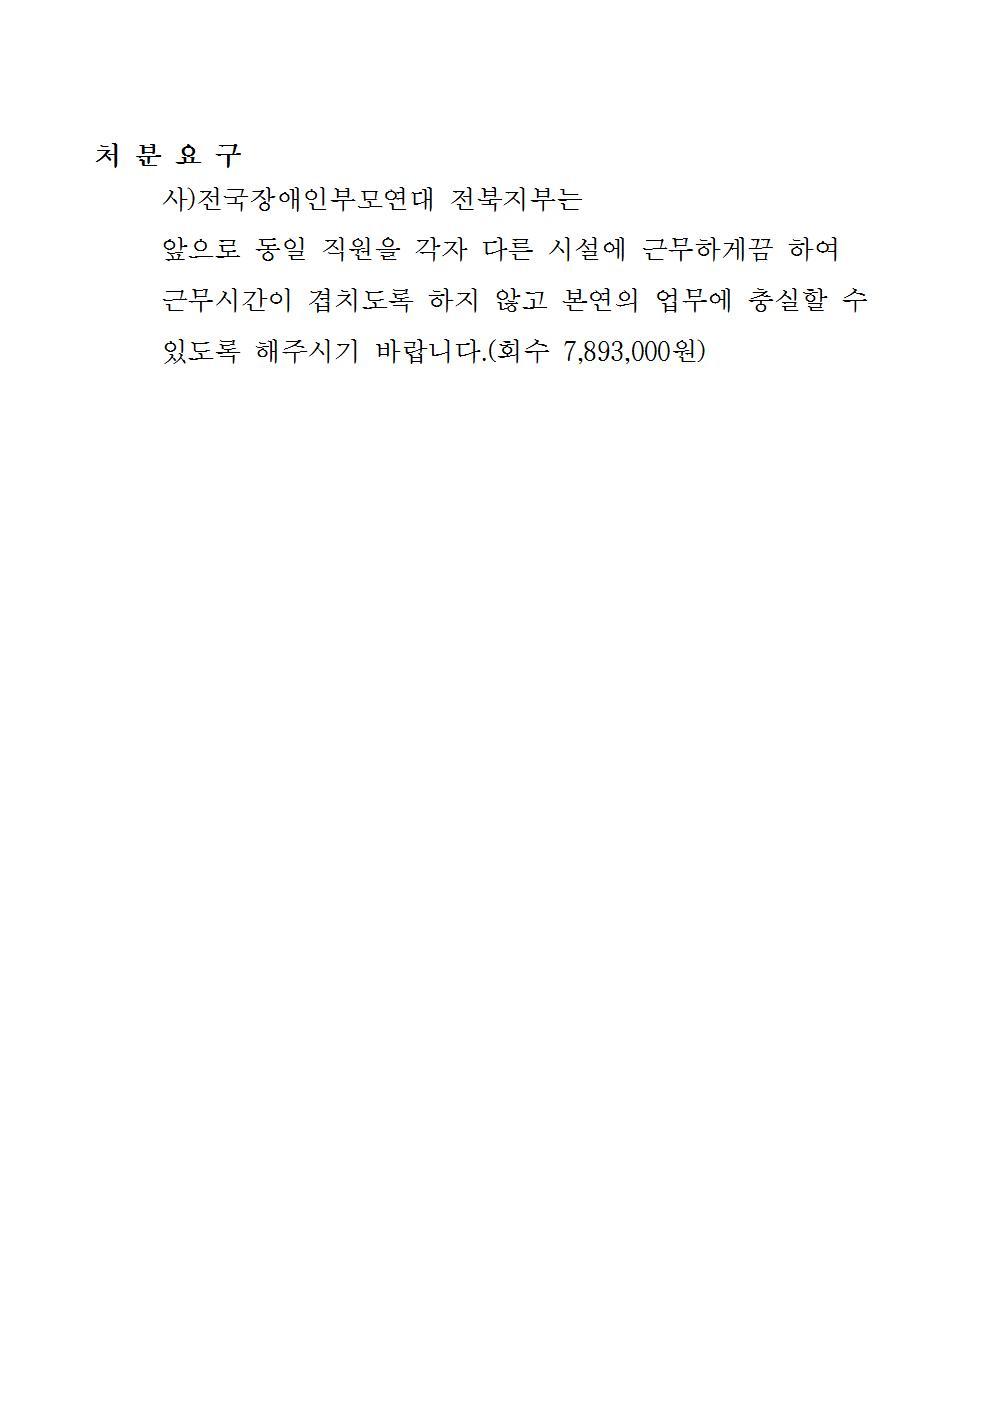 붙임) 처분요구서_전주시 생활복지과-37898(2017.9.1)호(공개용)016.jpg